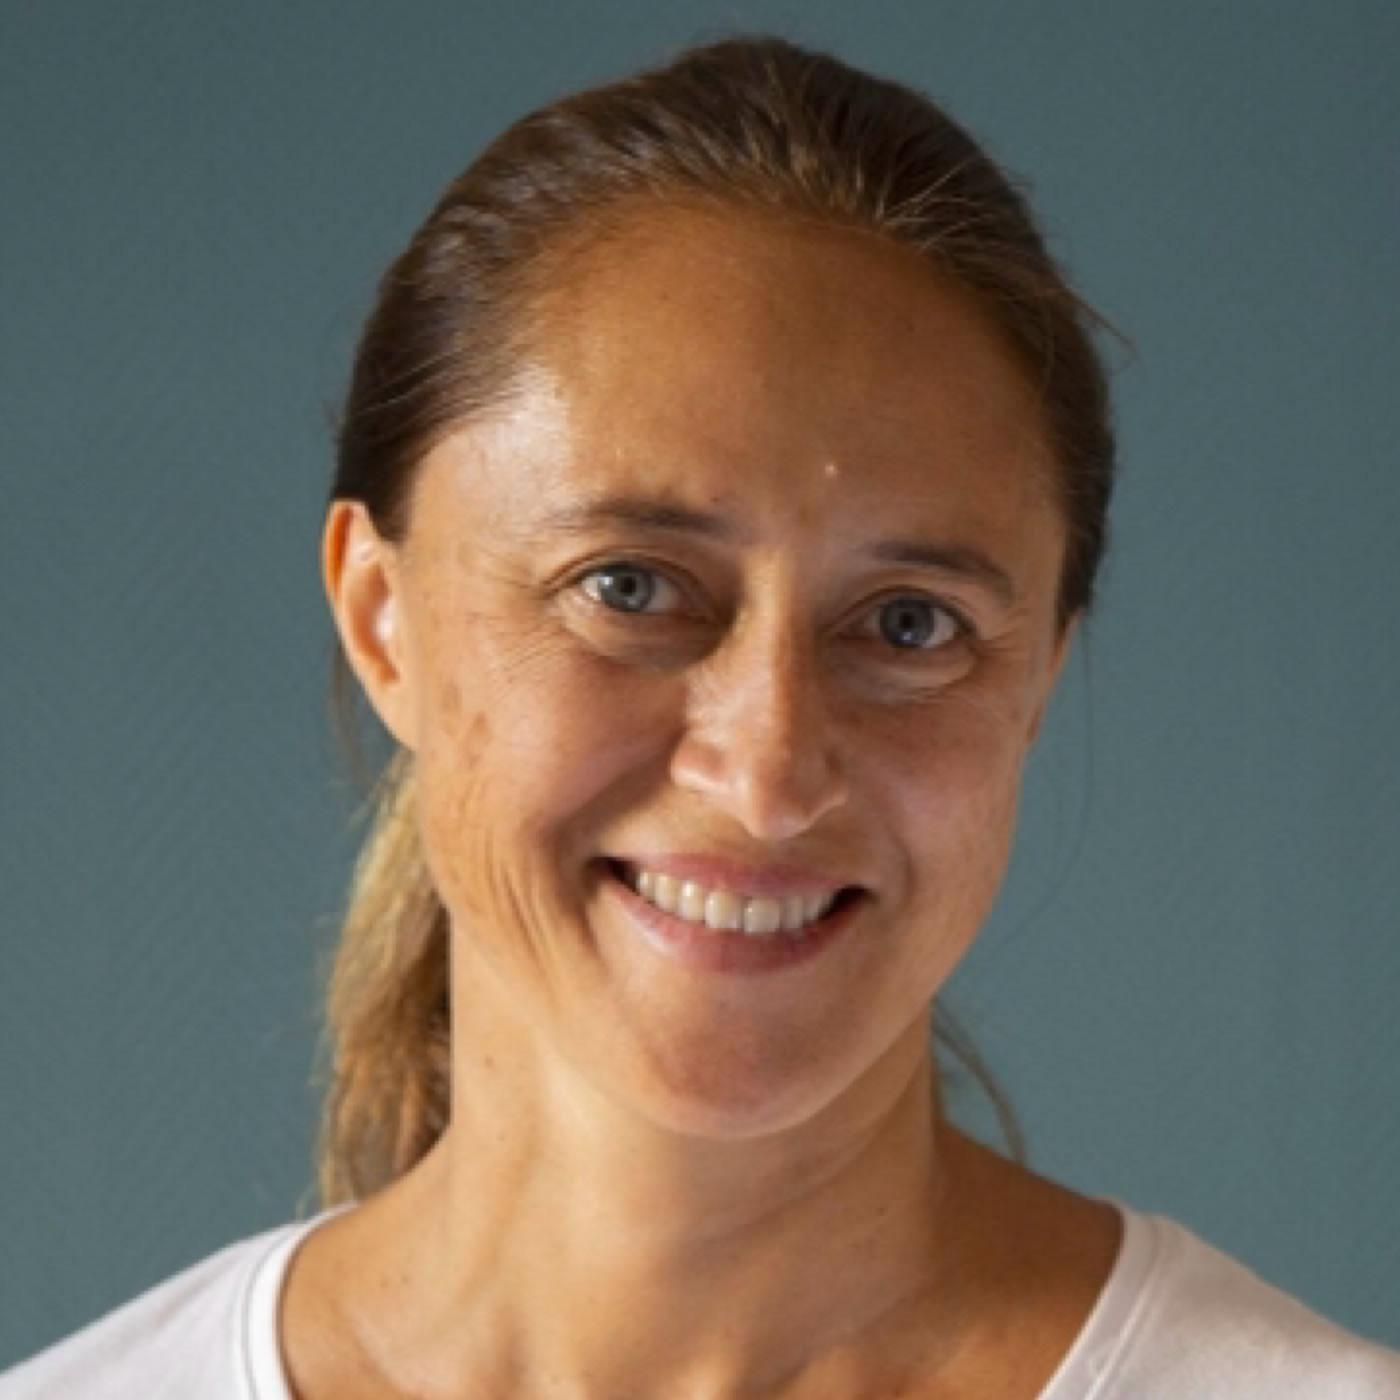 #29 - Marania directrice associée d'une société de bien-être